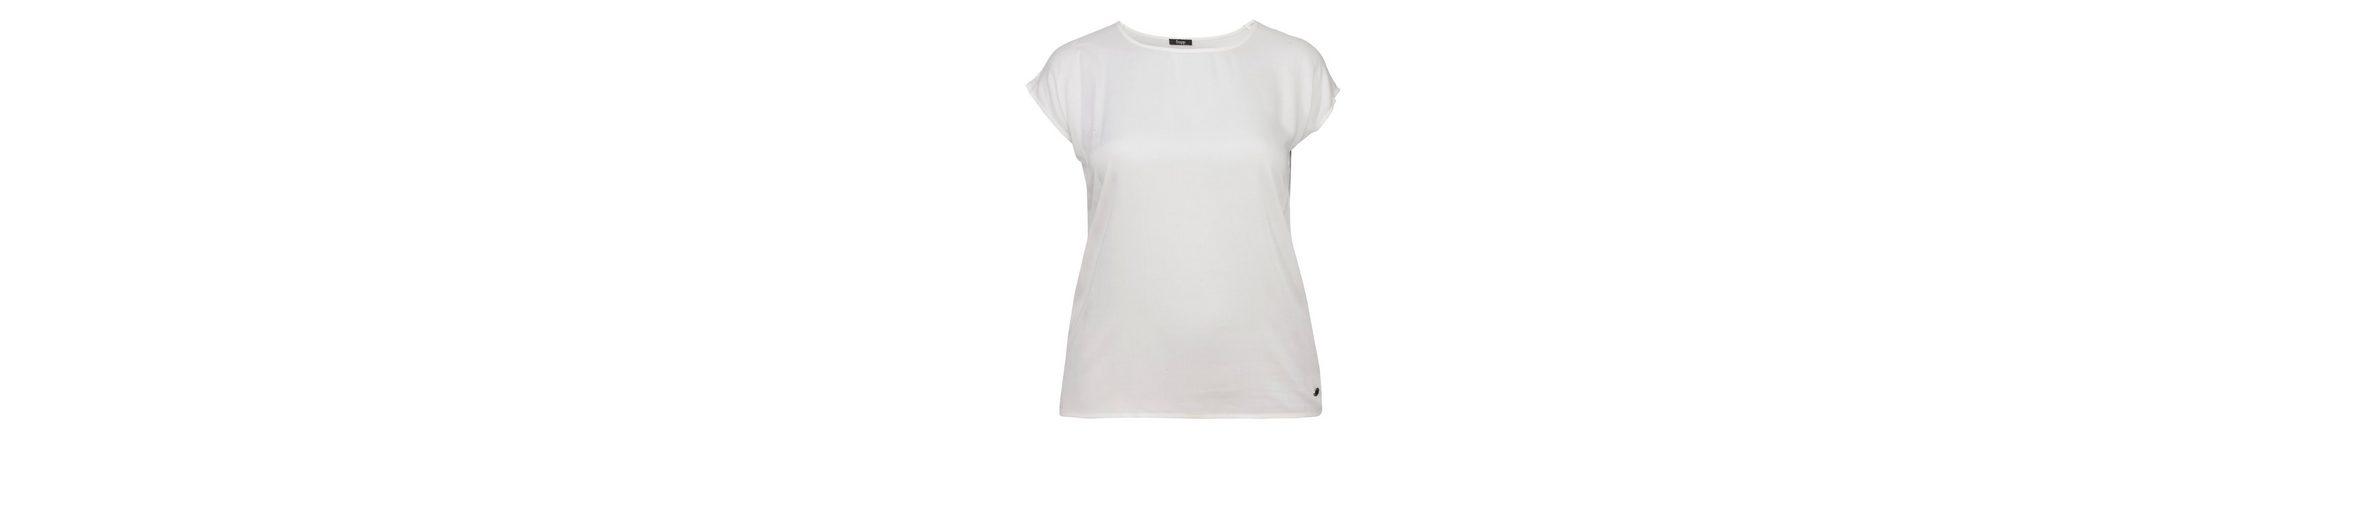 FRAPP Basic Shirt im Casual-Look Billig Verkauf 100% Garantiert Discounter Mode-Stil Zu Verkaufen fIXG3W5knV